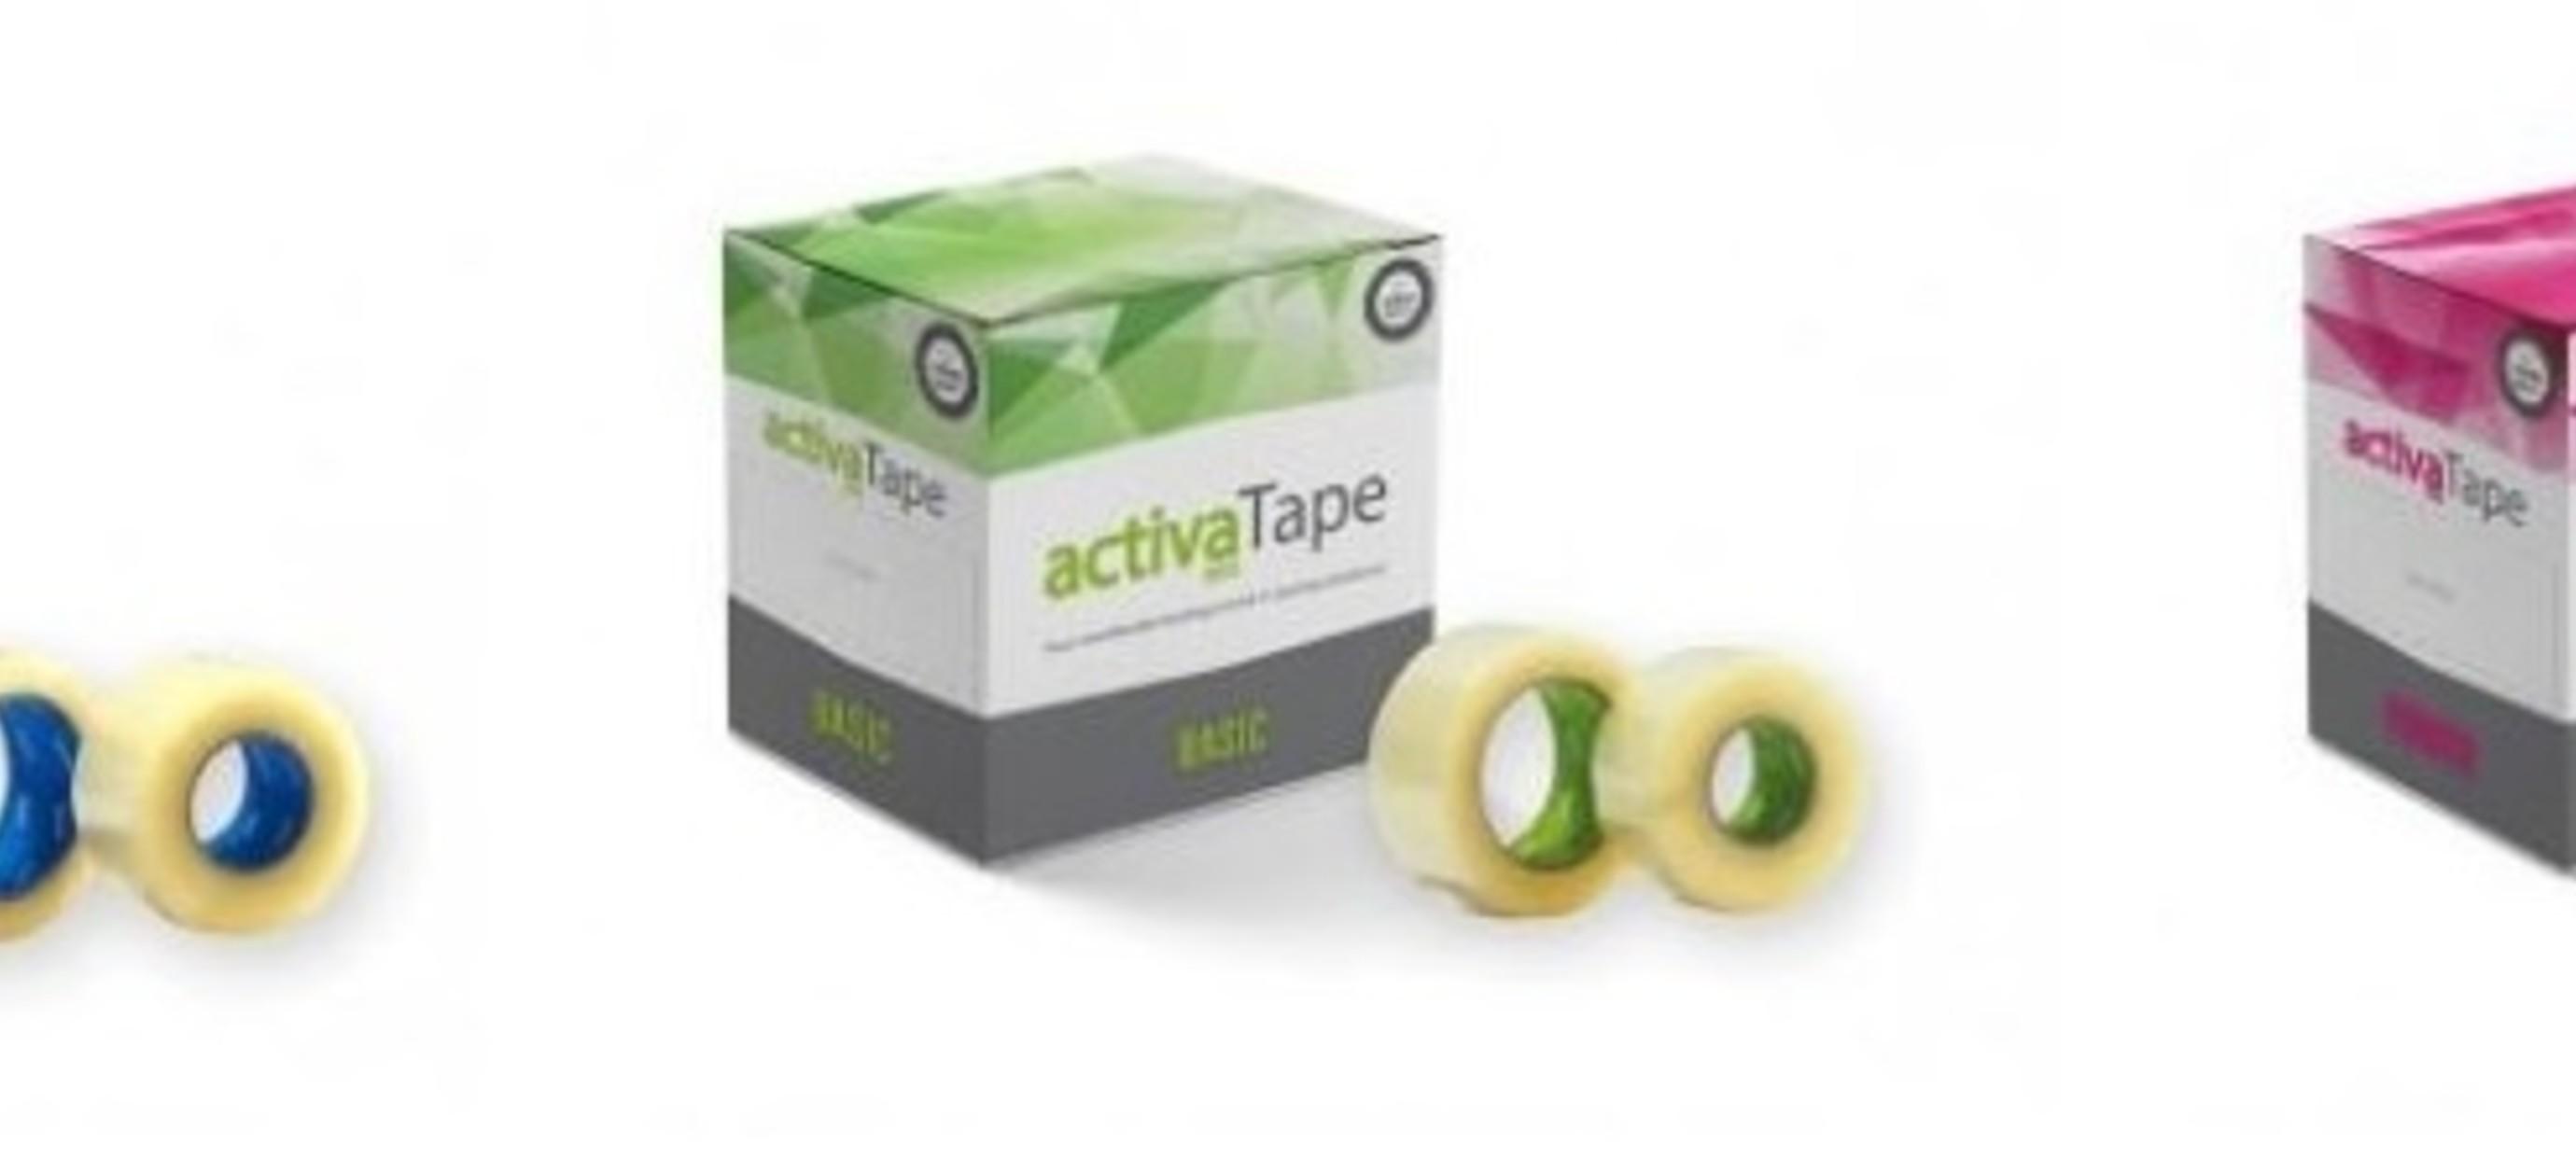 Verpakkingstape Activa een nieuw product van Activatec